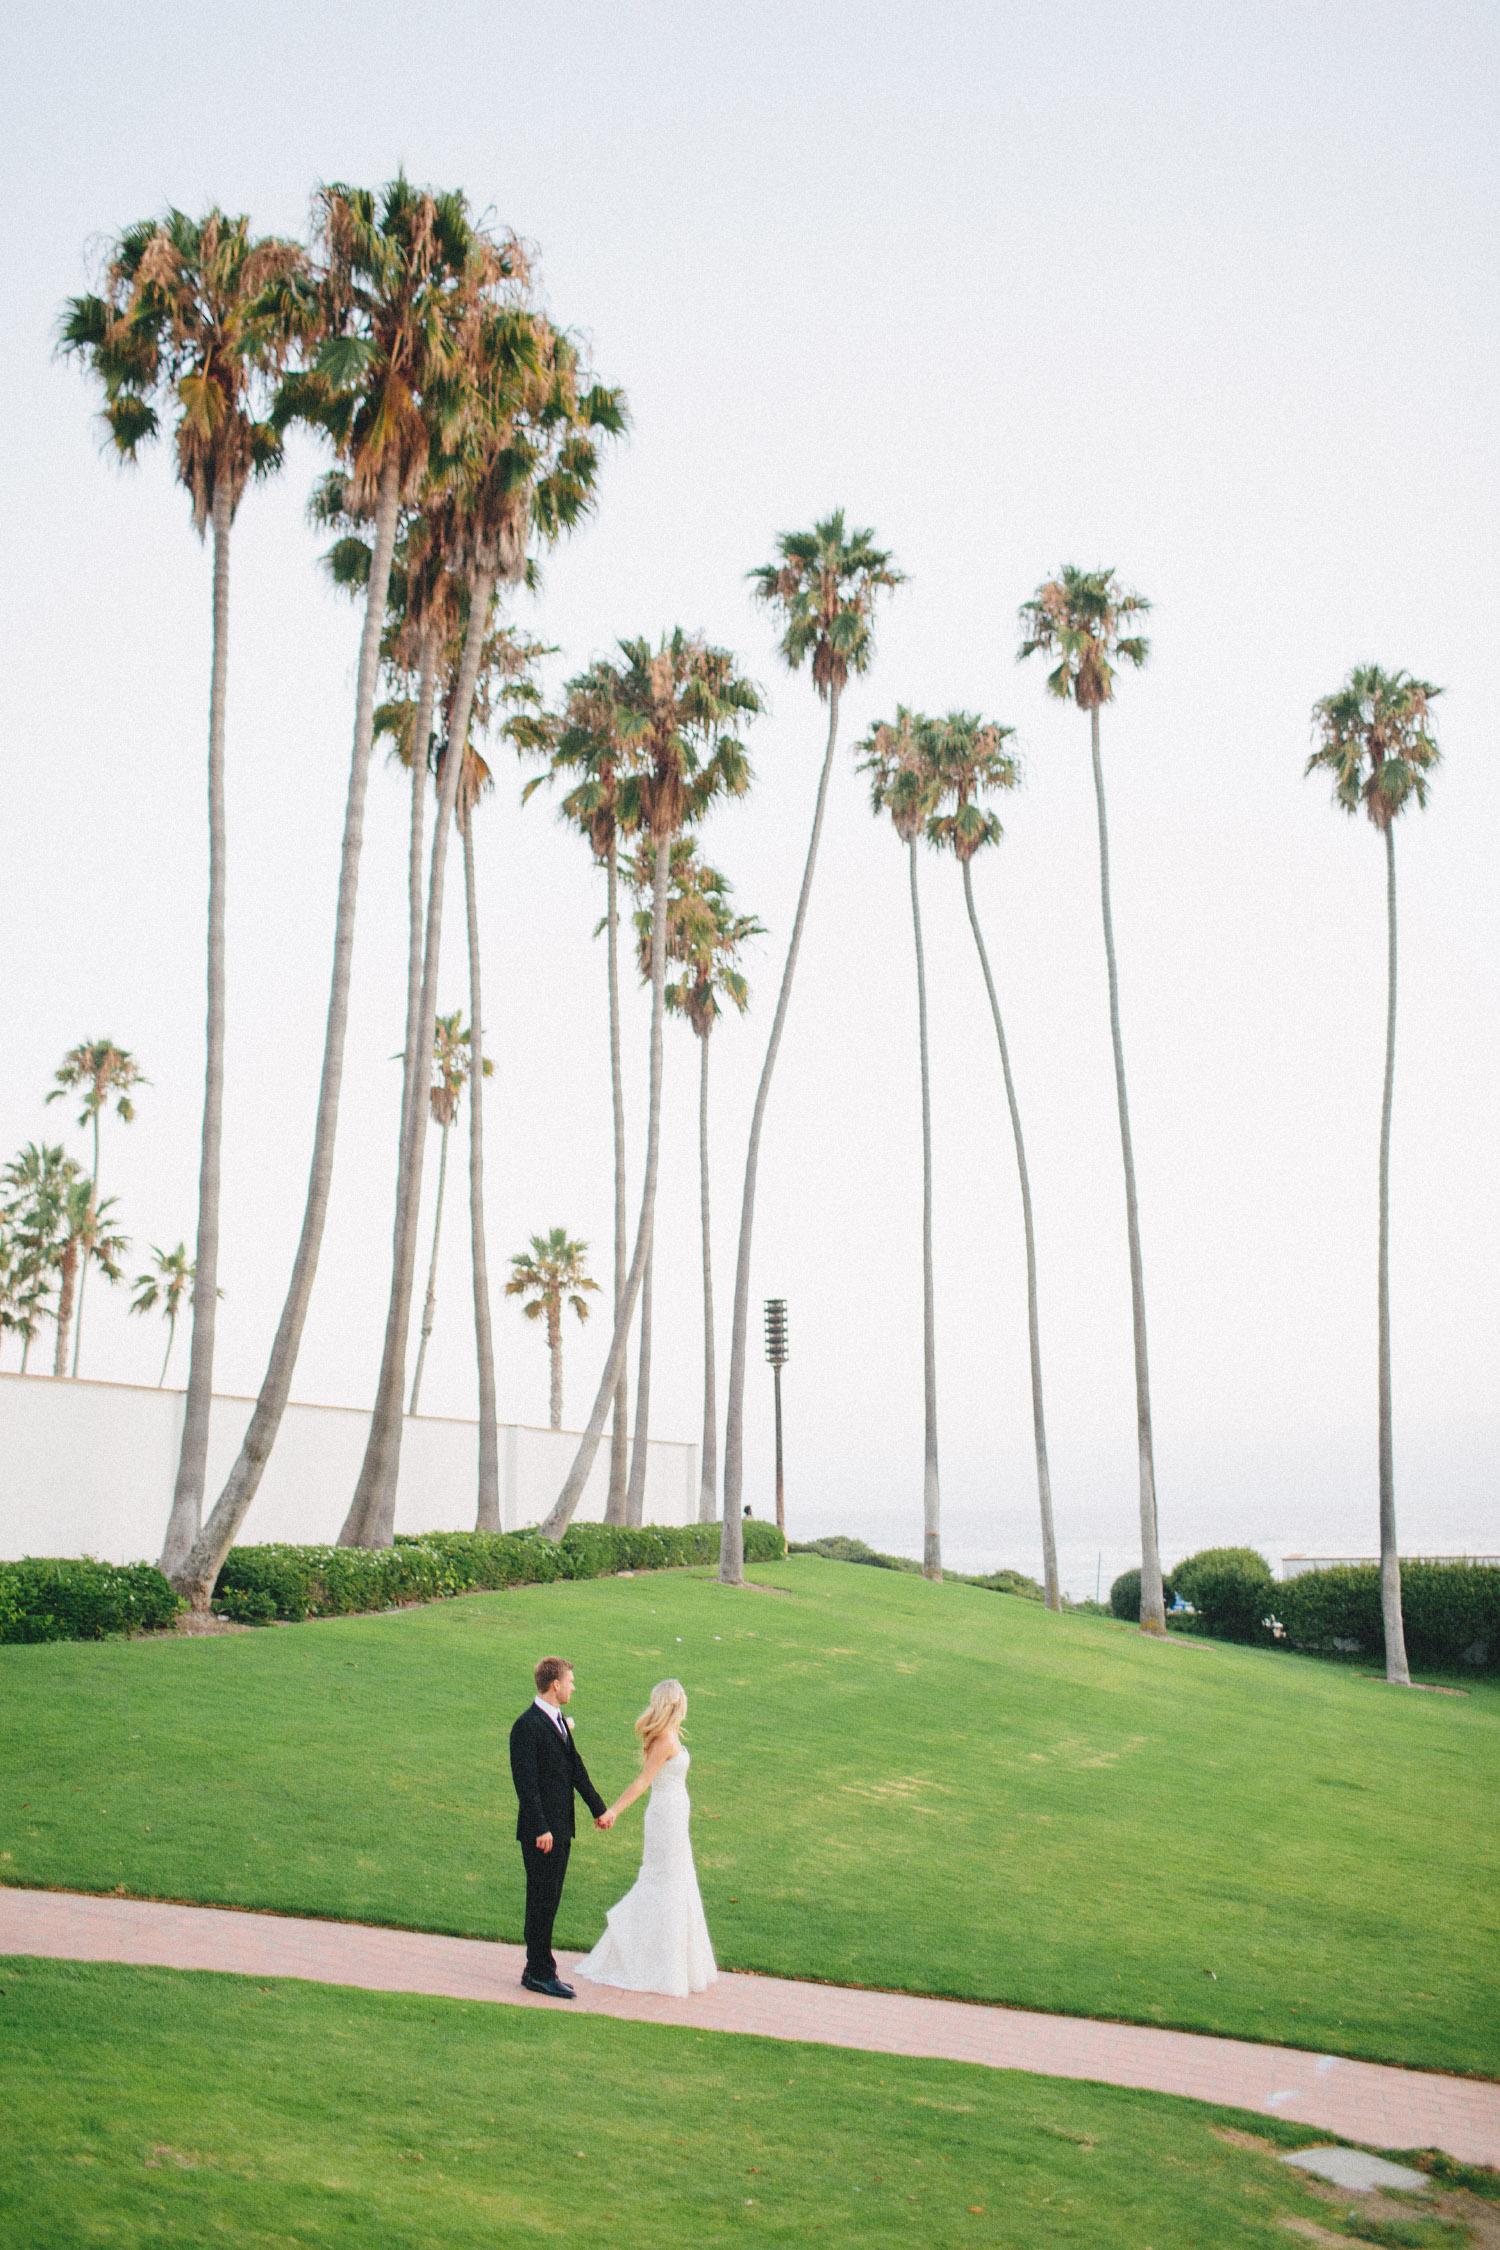 Nate-Laura-wed-1132 copy.jpg